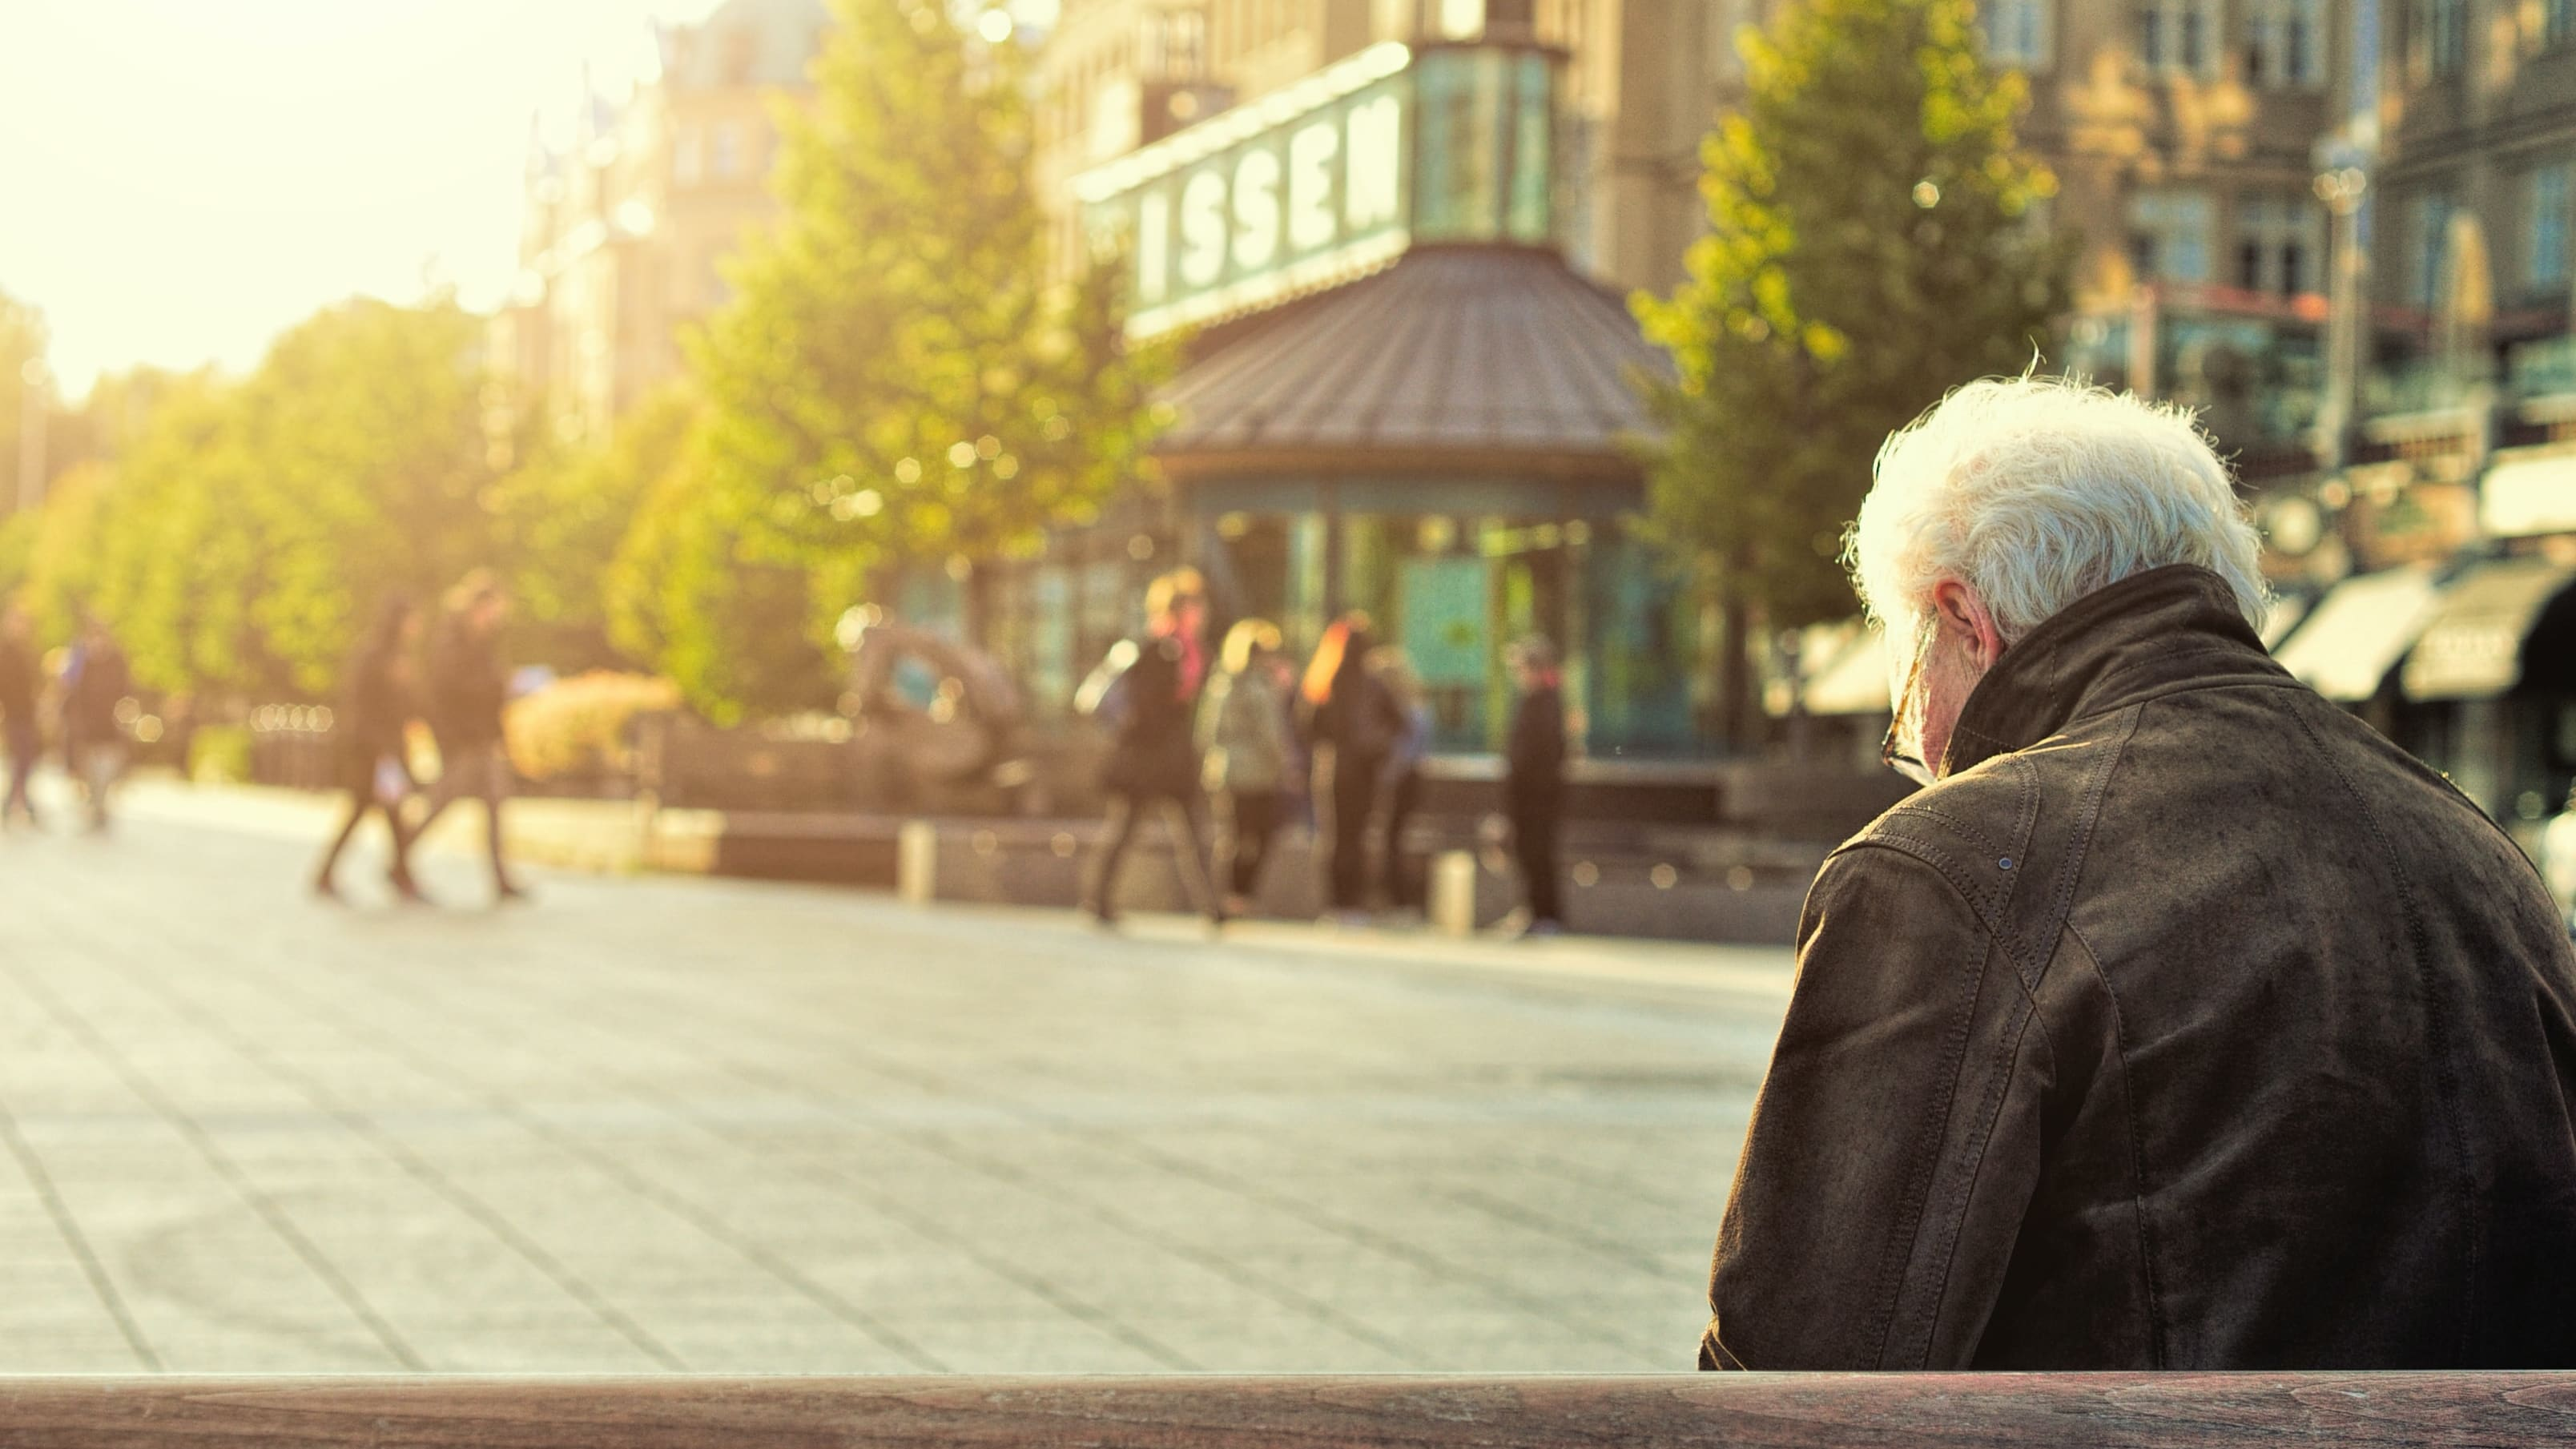 Comment faire des économies quand vous serez à la retraite?